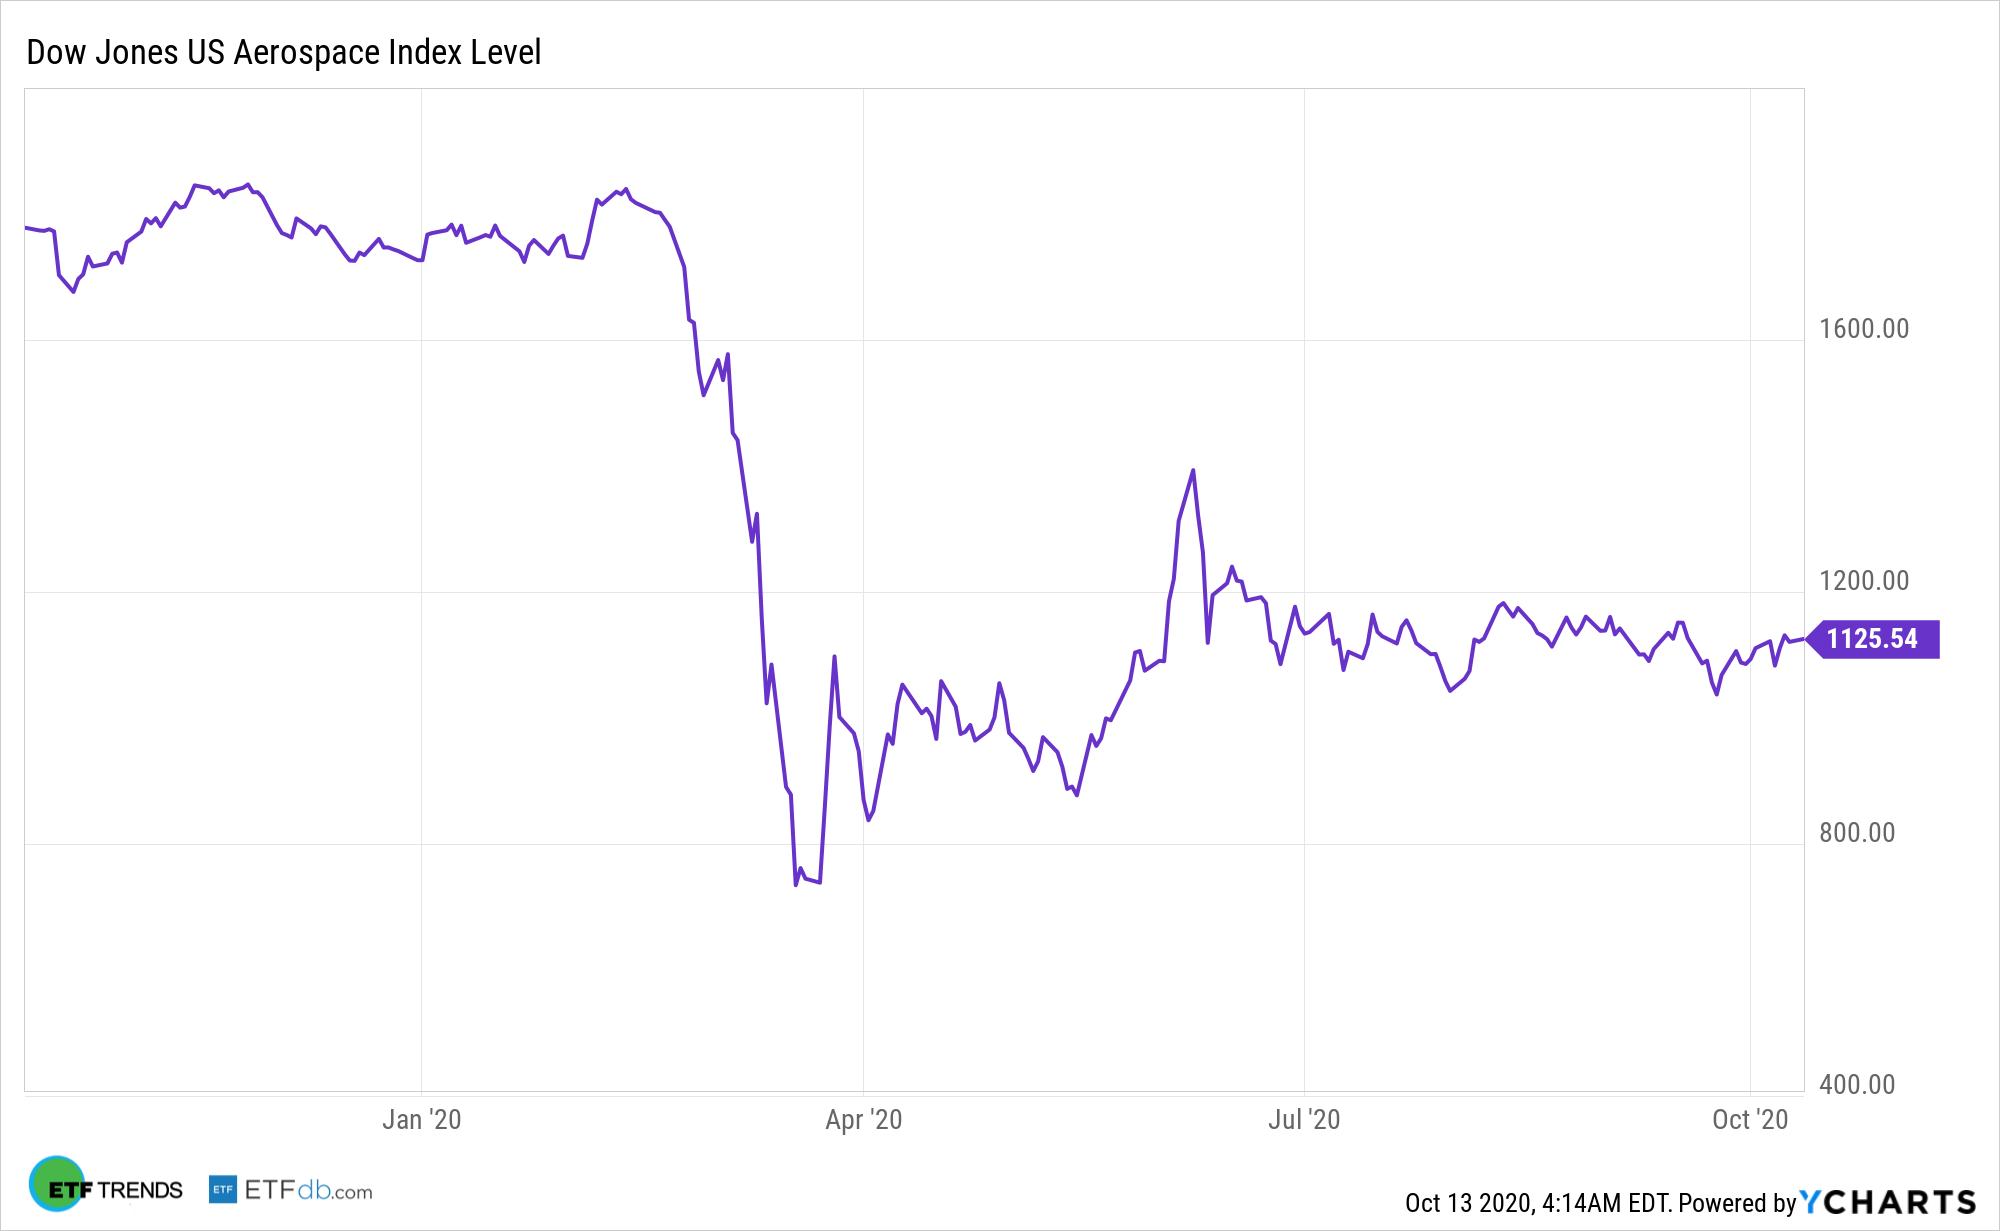 ^DJUSAS Chart